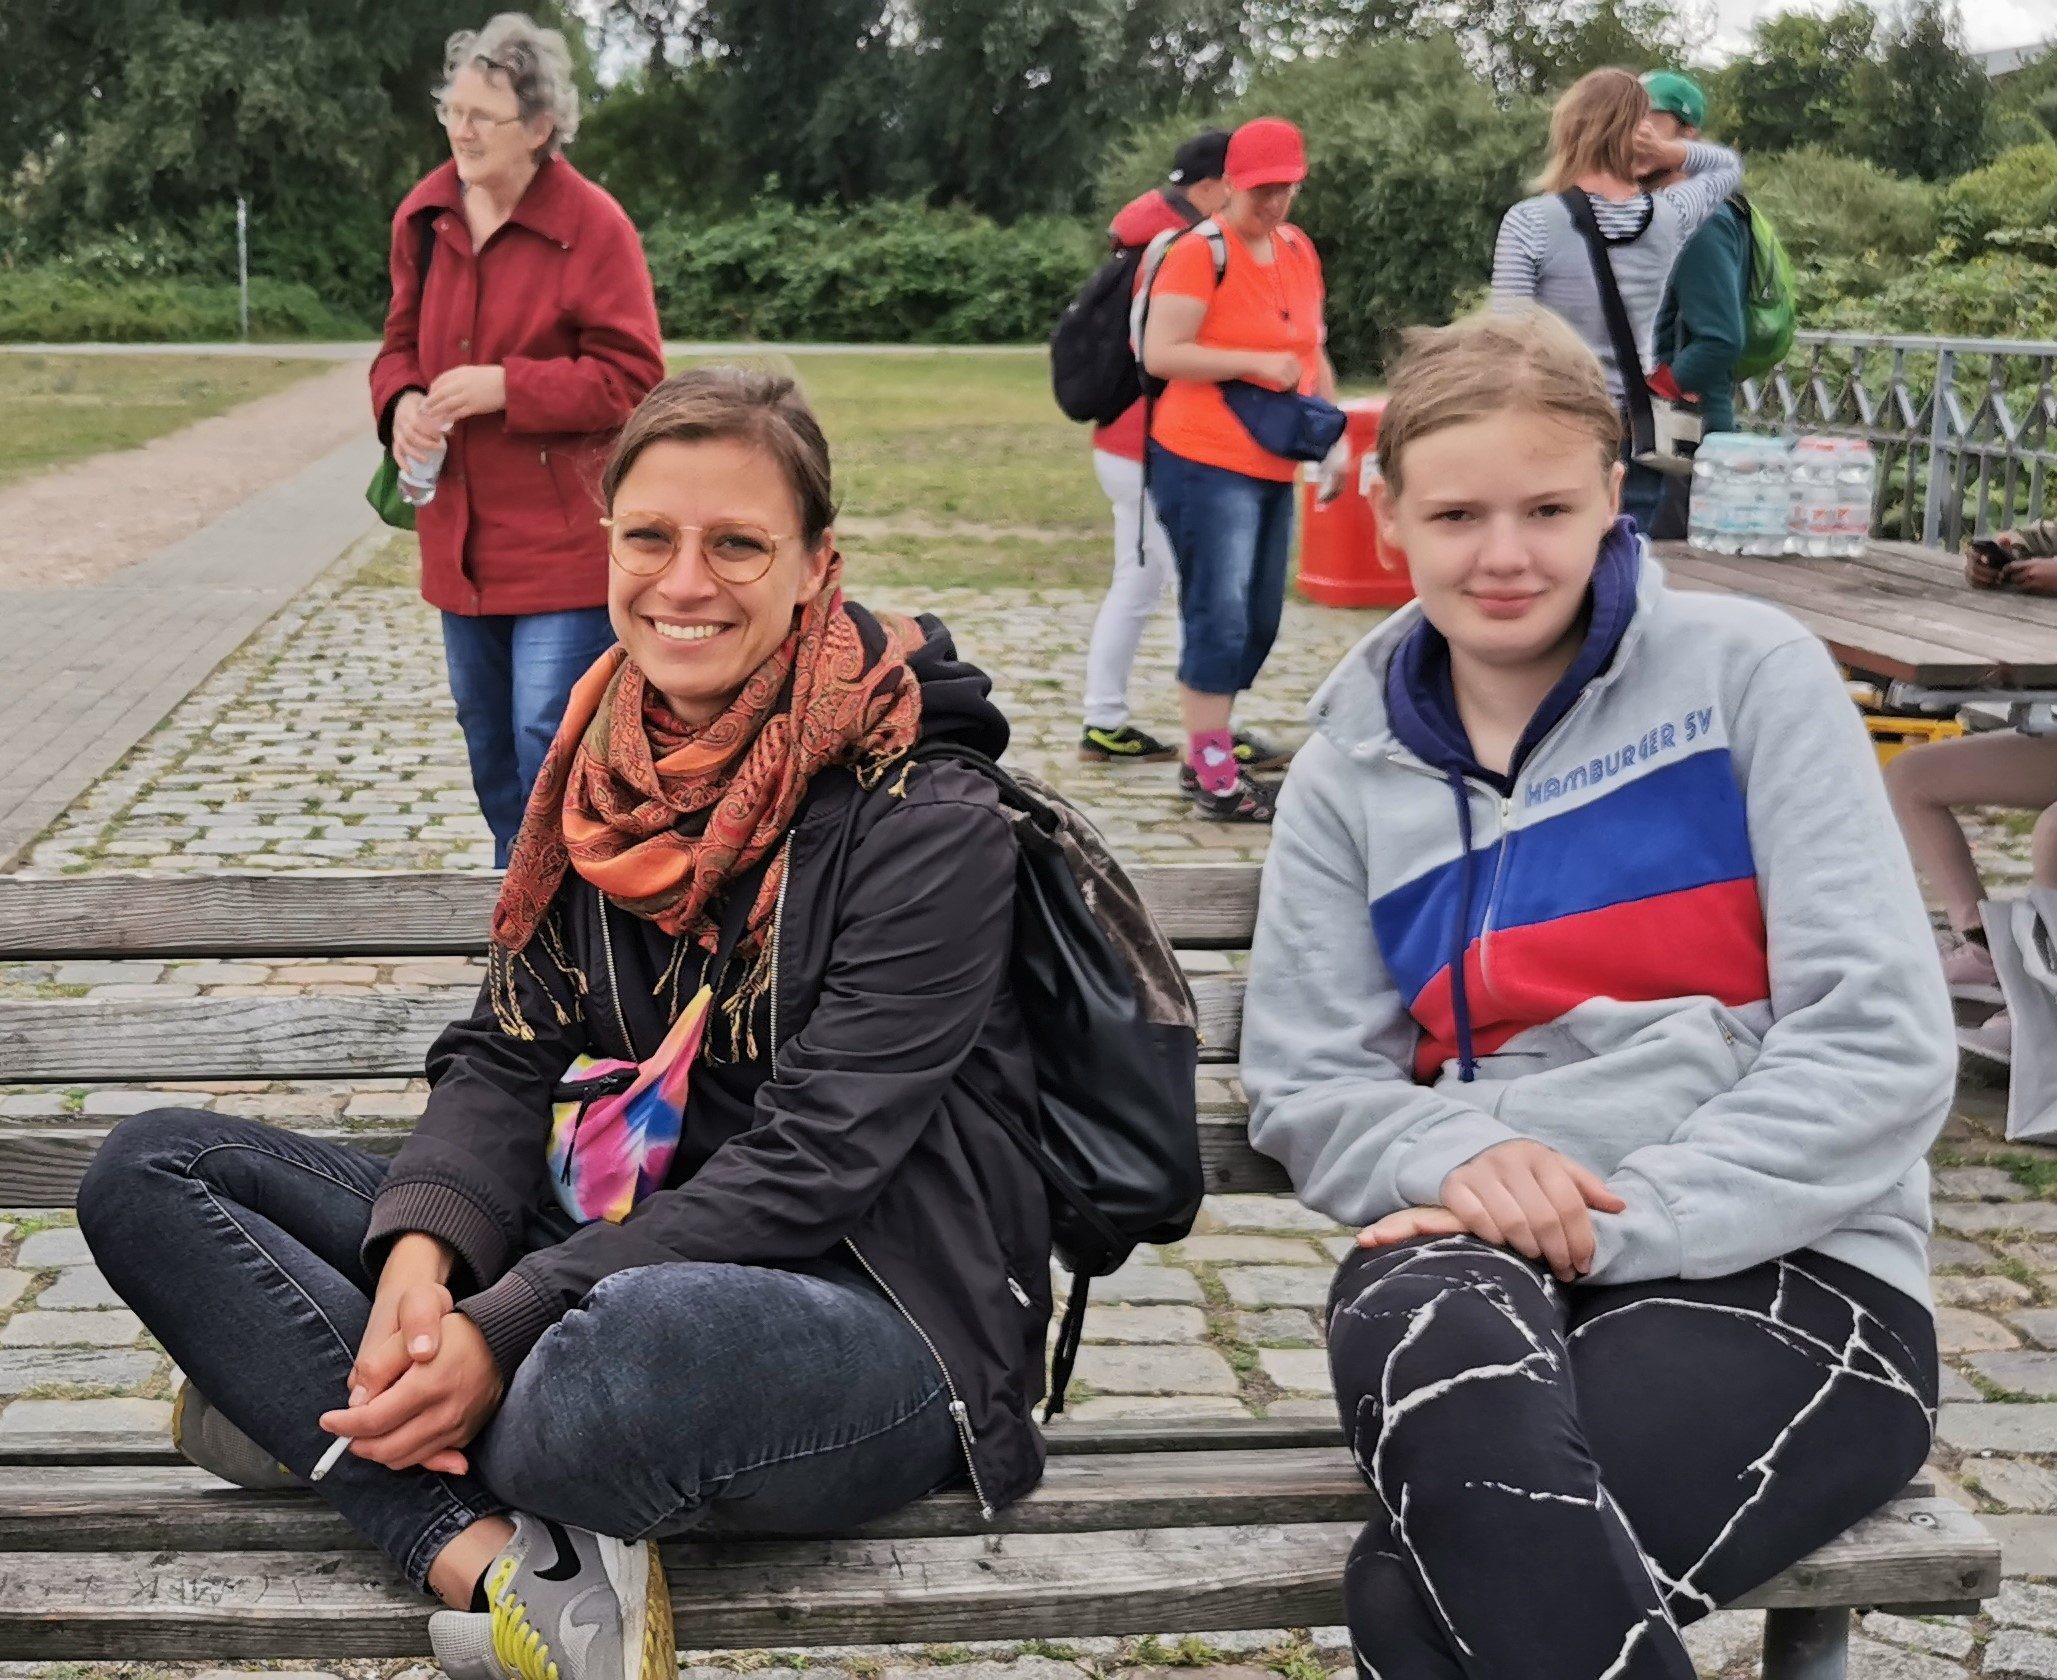 Zwei junge Frauen sitzen auf einer Bank, im Hintergrund andere Menschen.